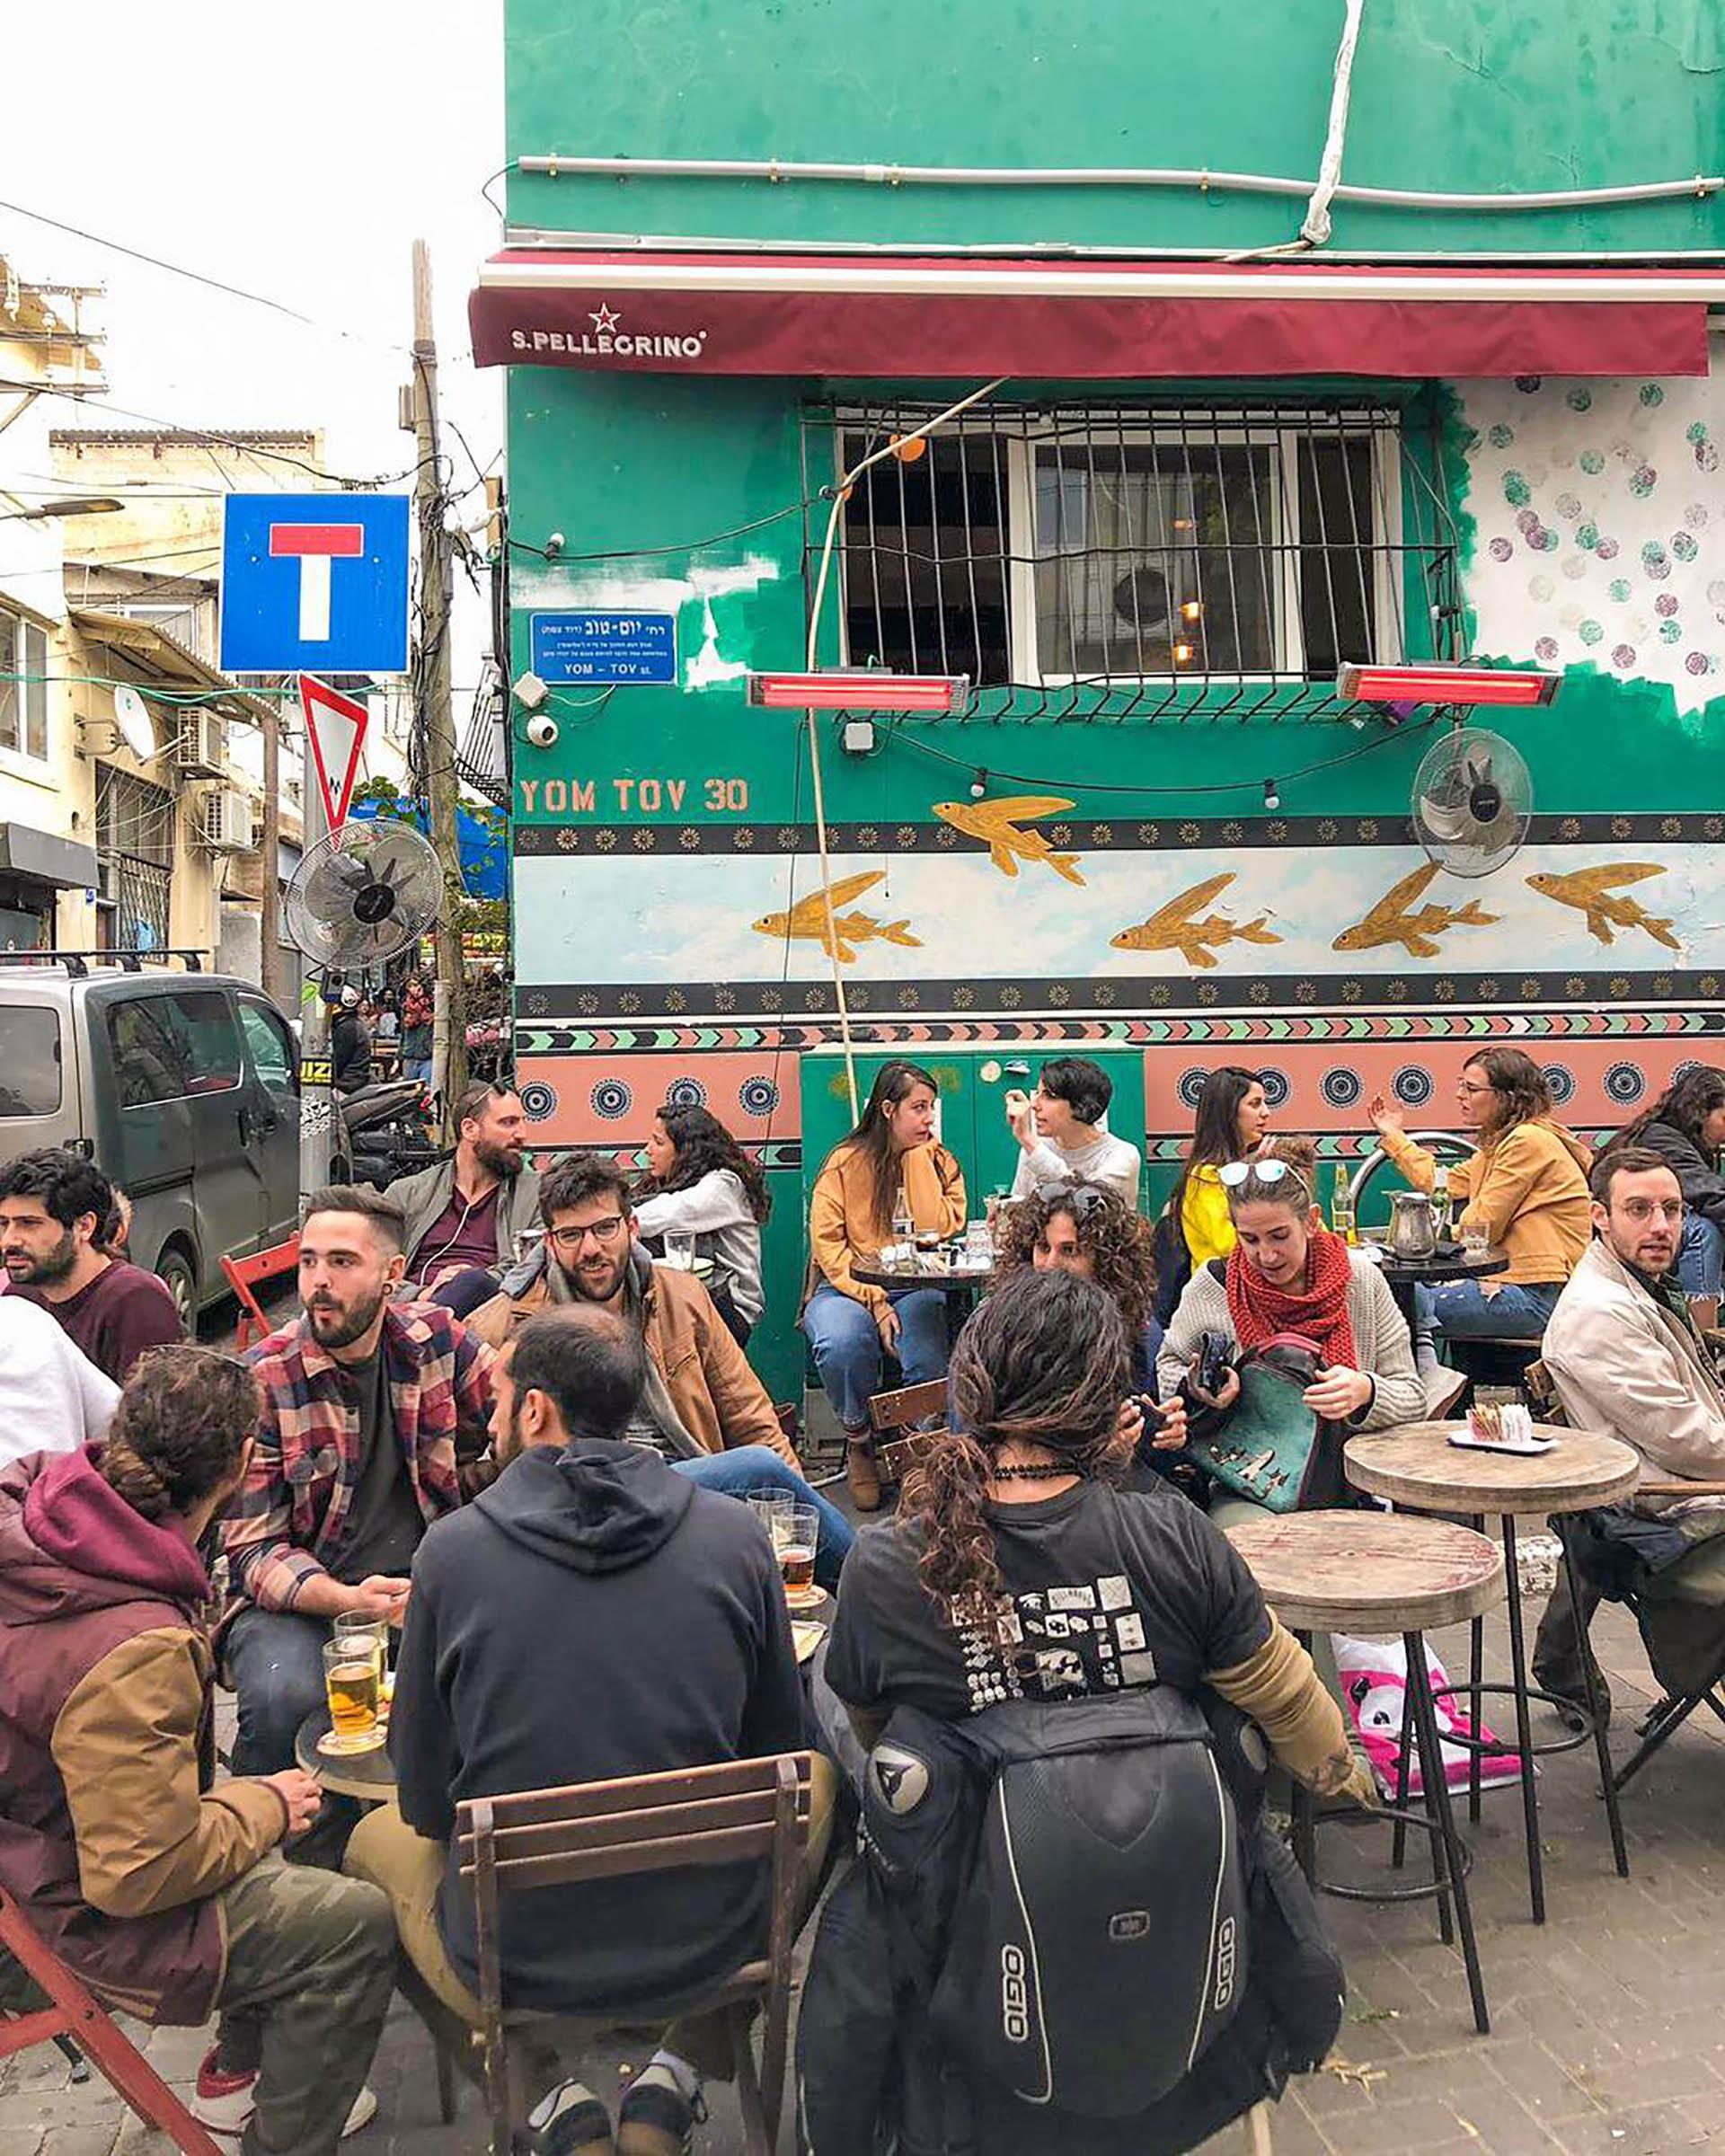 Kerem Hateimanim es tan auténtico como parece, dice Time Out, con sus auténticos restaurantes yemenitas y calles tranquilas que atraen a amantes de la comida, surfistas y exploradores globales.